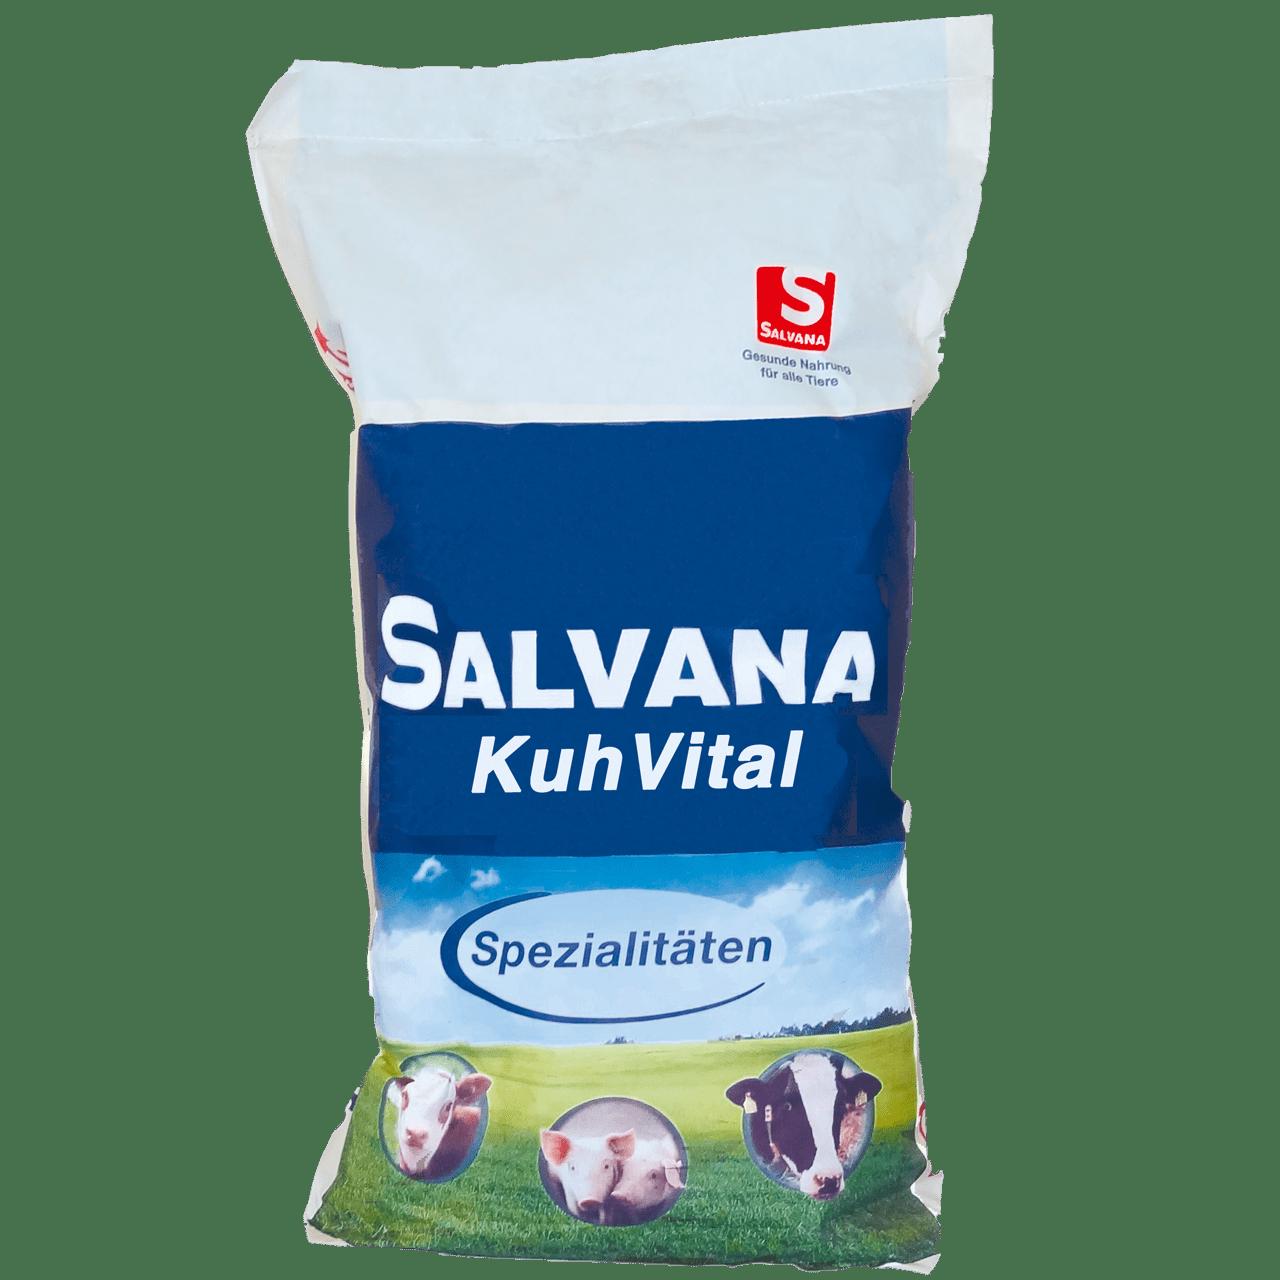 SALVANA KuhVital